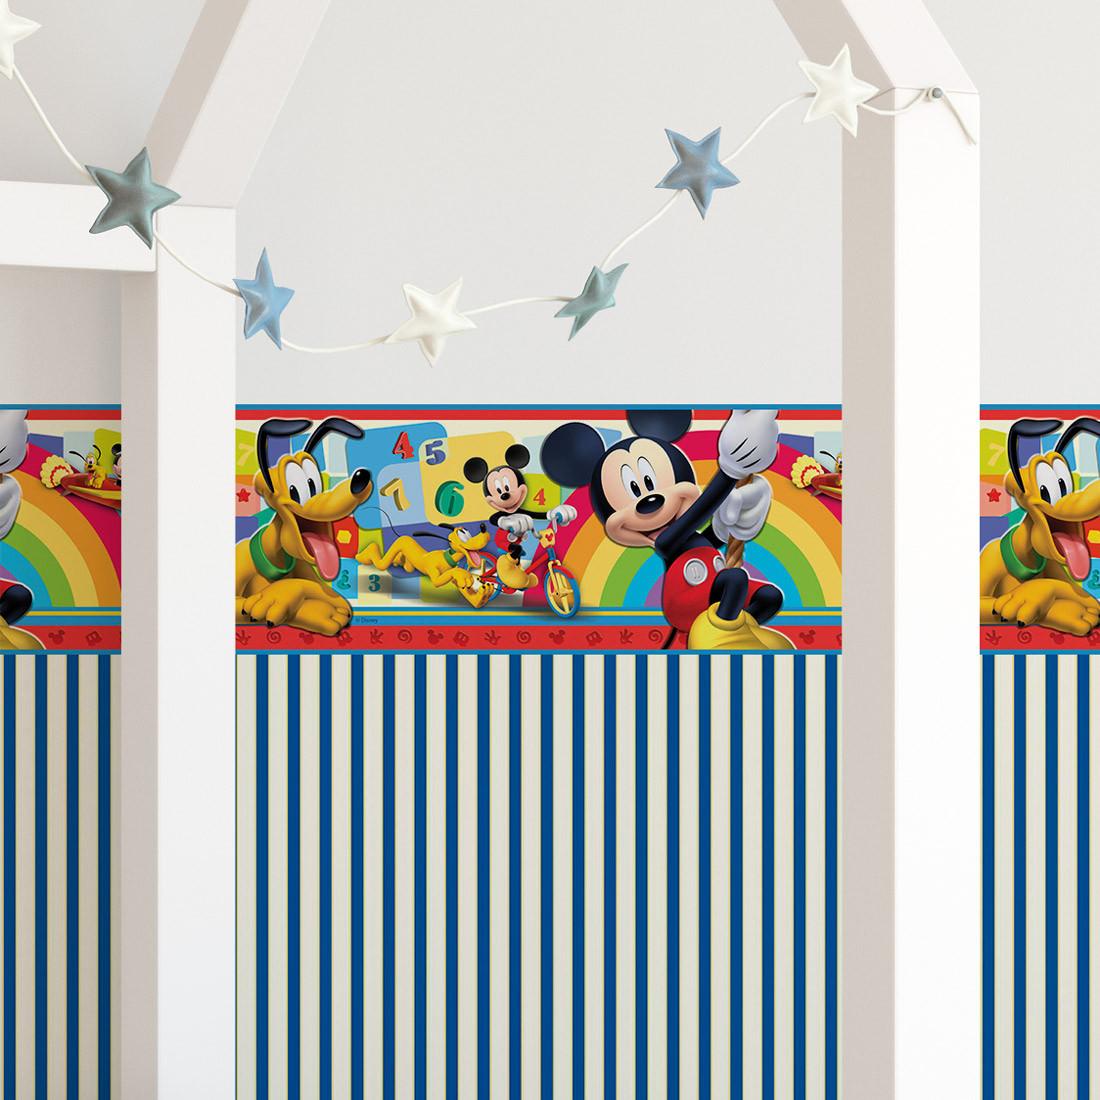 Faixa Decorativa Infantil Mickey Mouse e Pluto - Disney - Rolo com 5 Metros